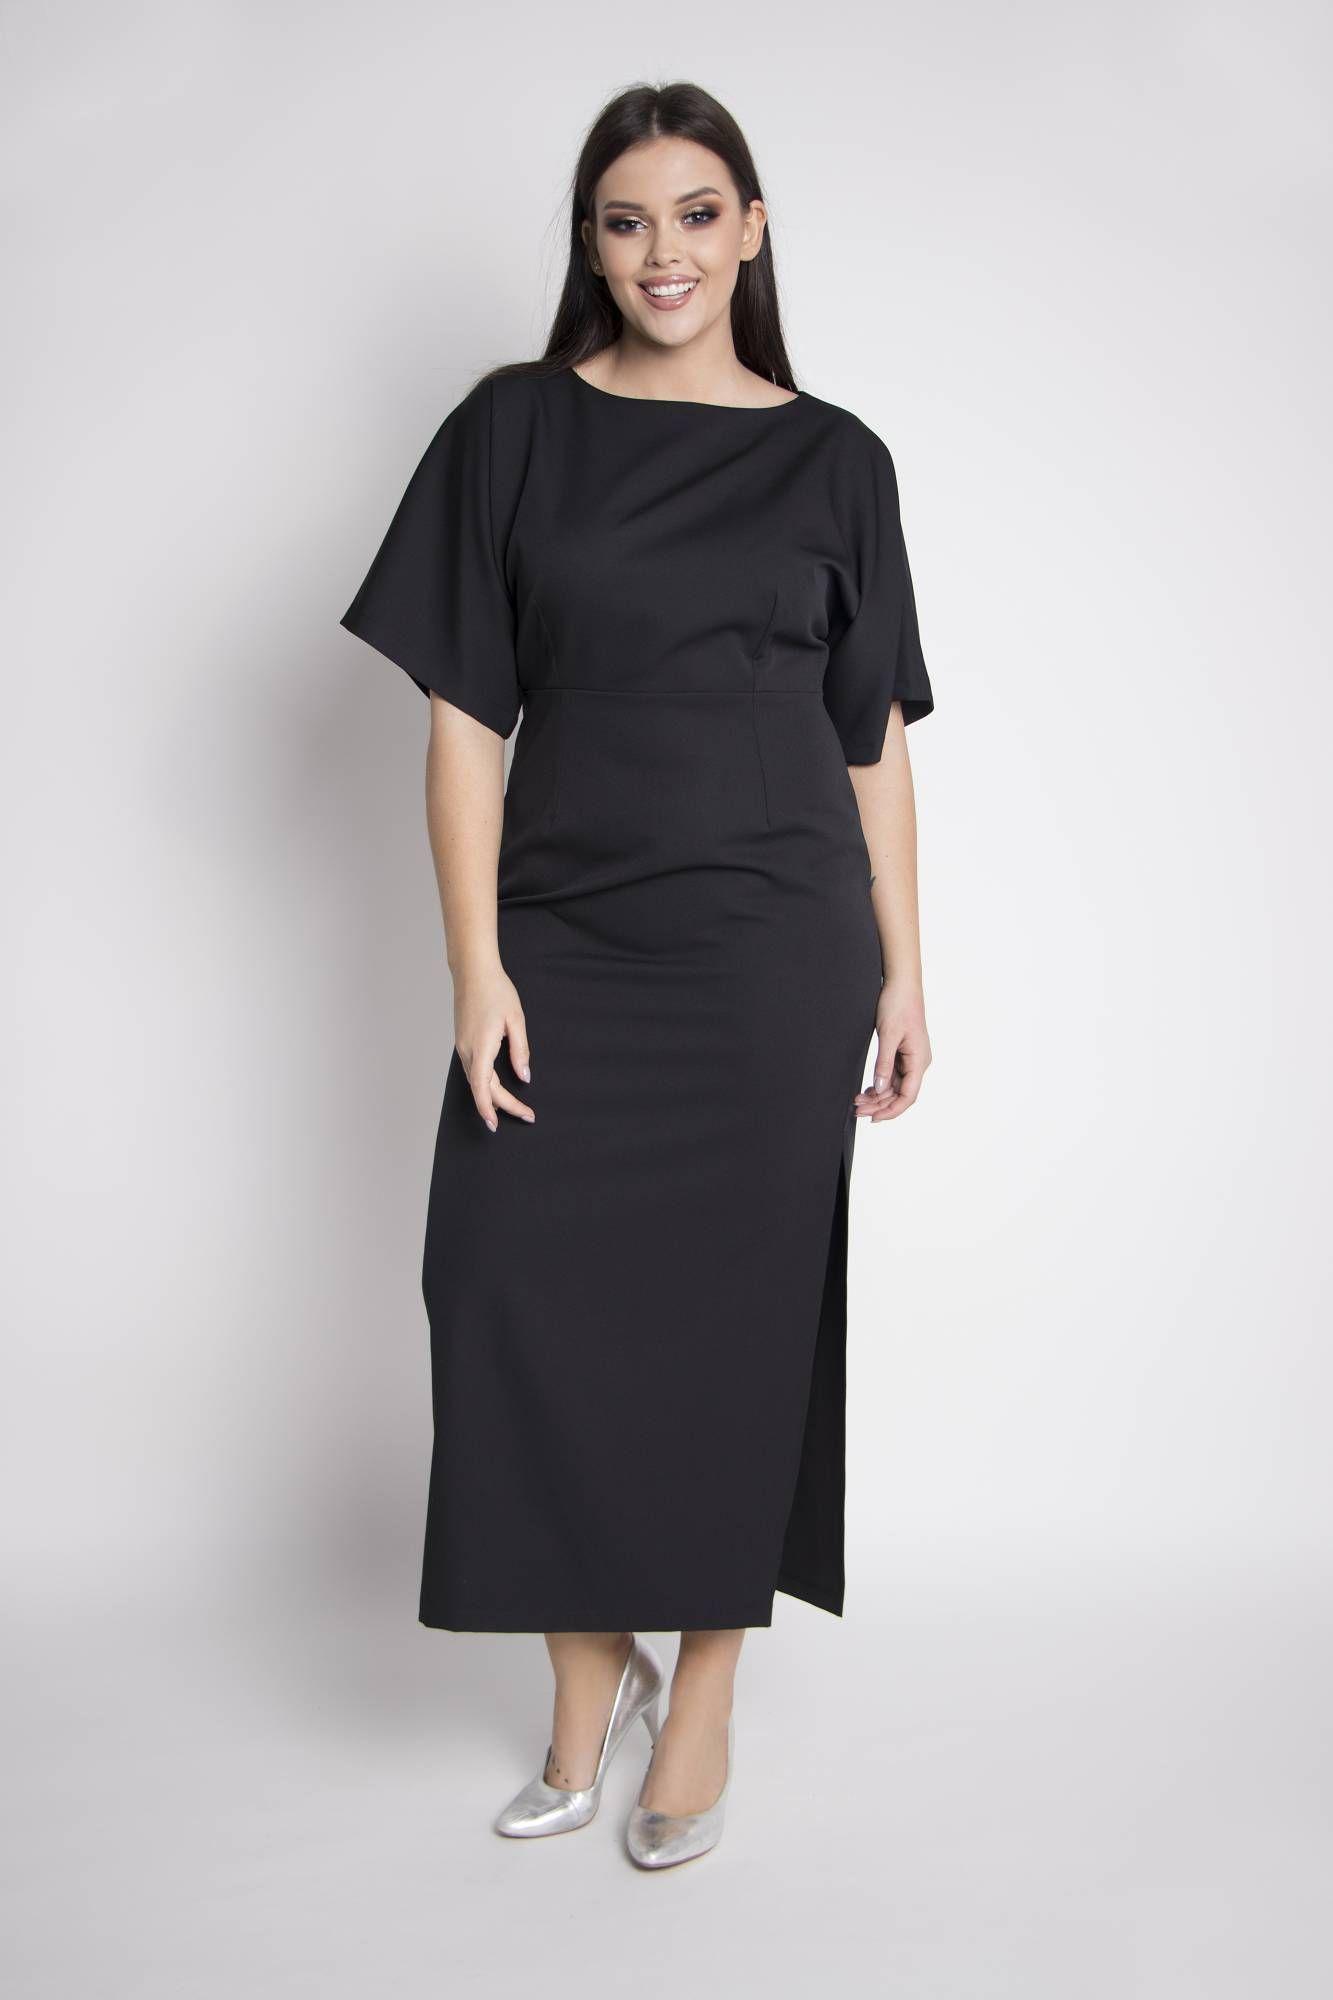 fc3257f8145e6b Sukienka NATALIA w minimalistycznym stylu to ciekawa alternatywa dla  jaskrawych i pełnych przepychu trendów. Model